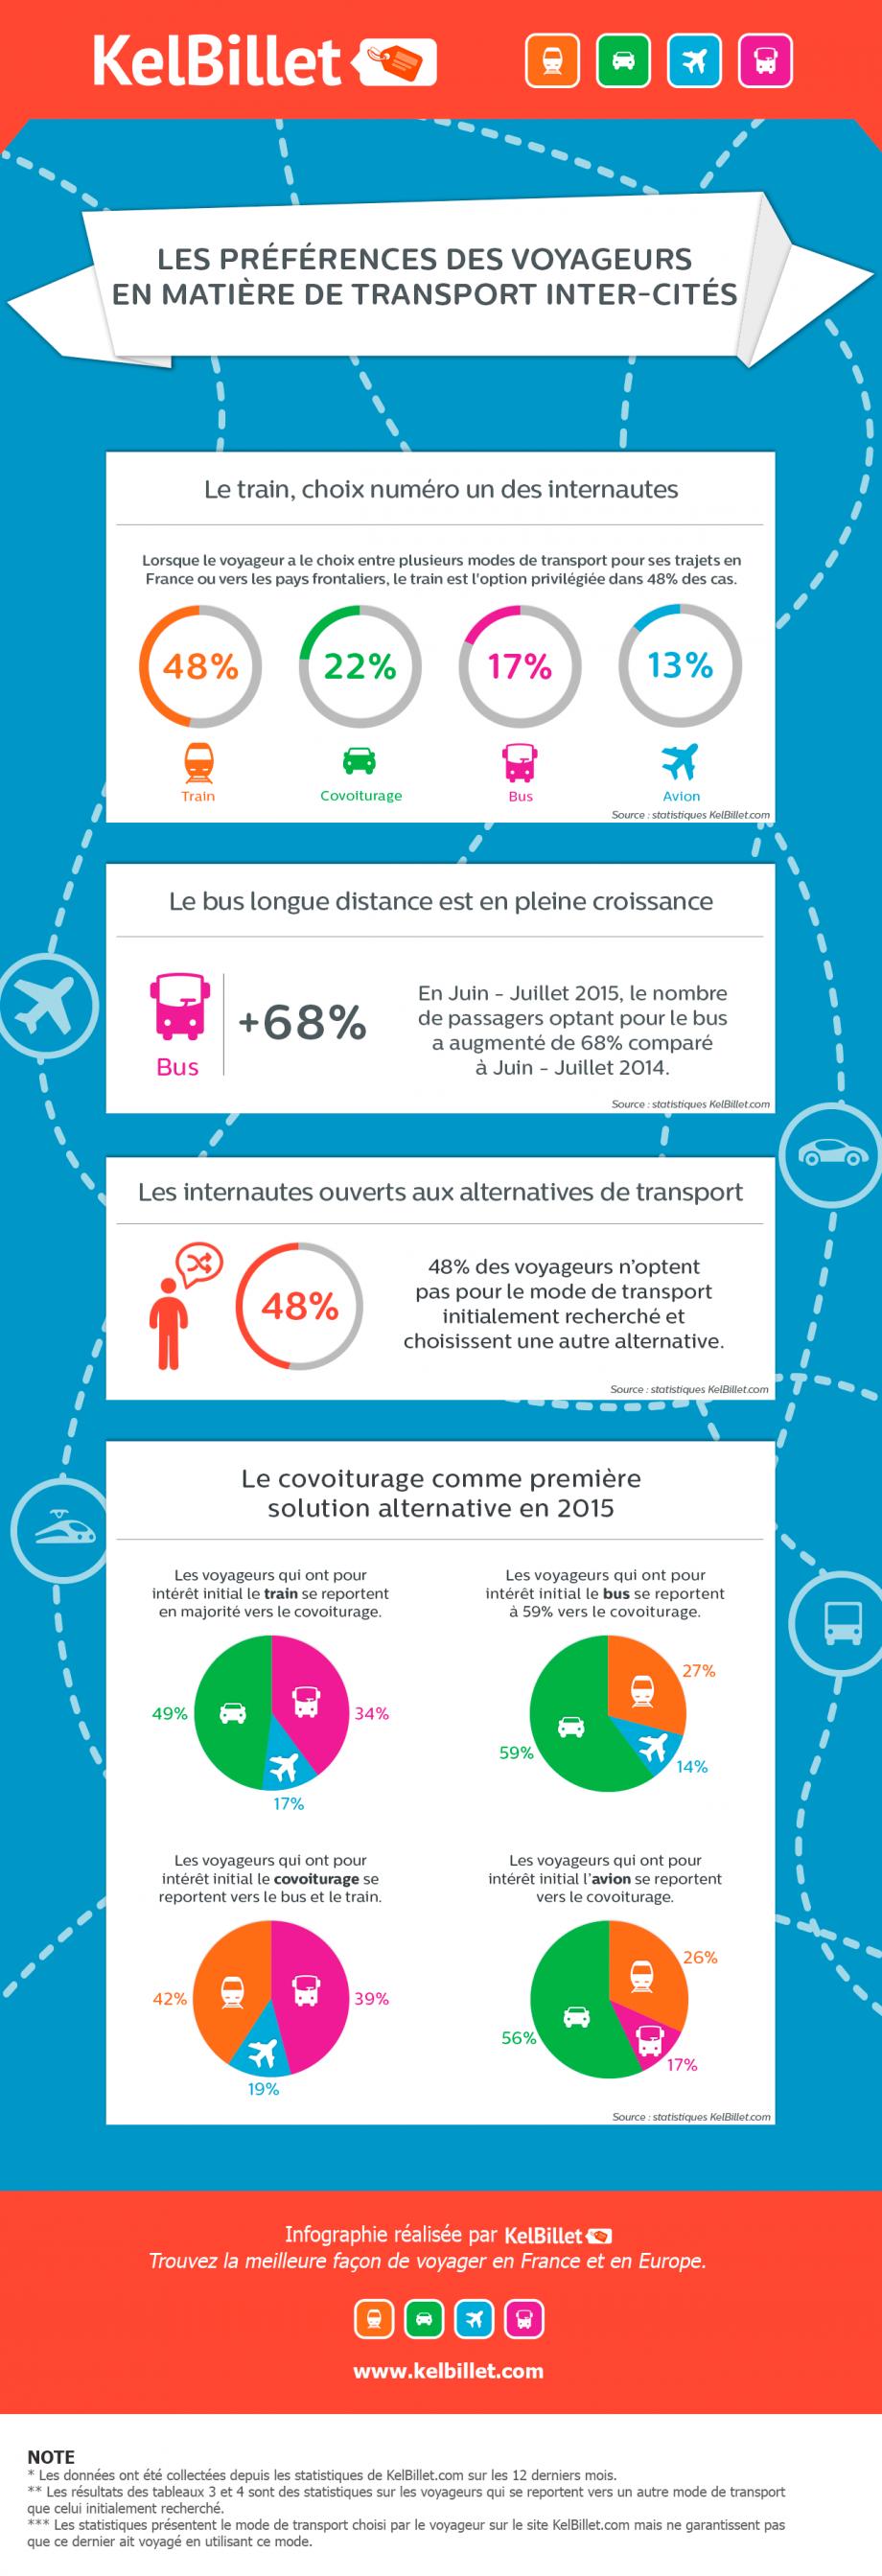 Les préférences des voyageurs en matière de transport inter-cités